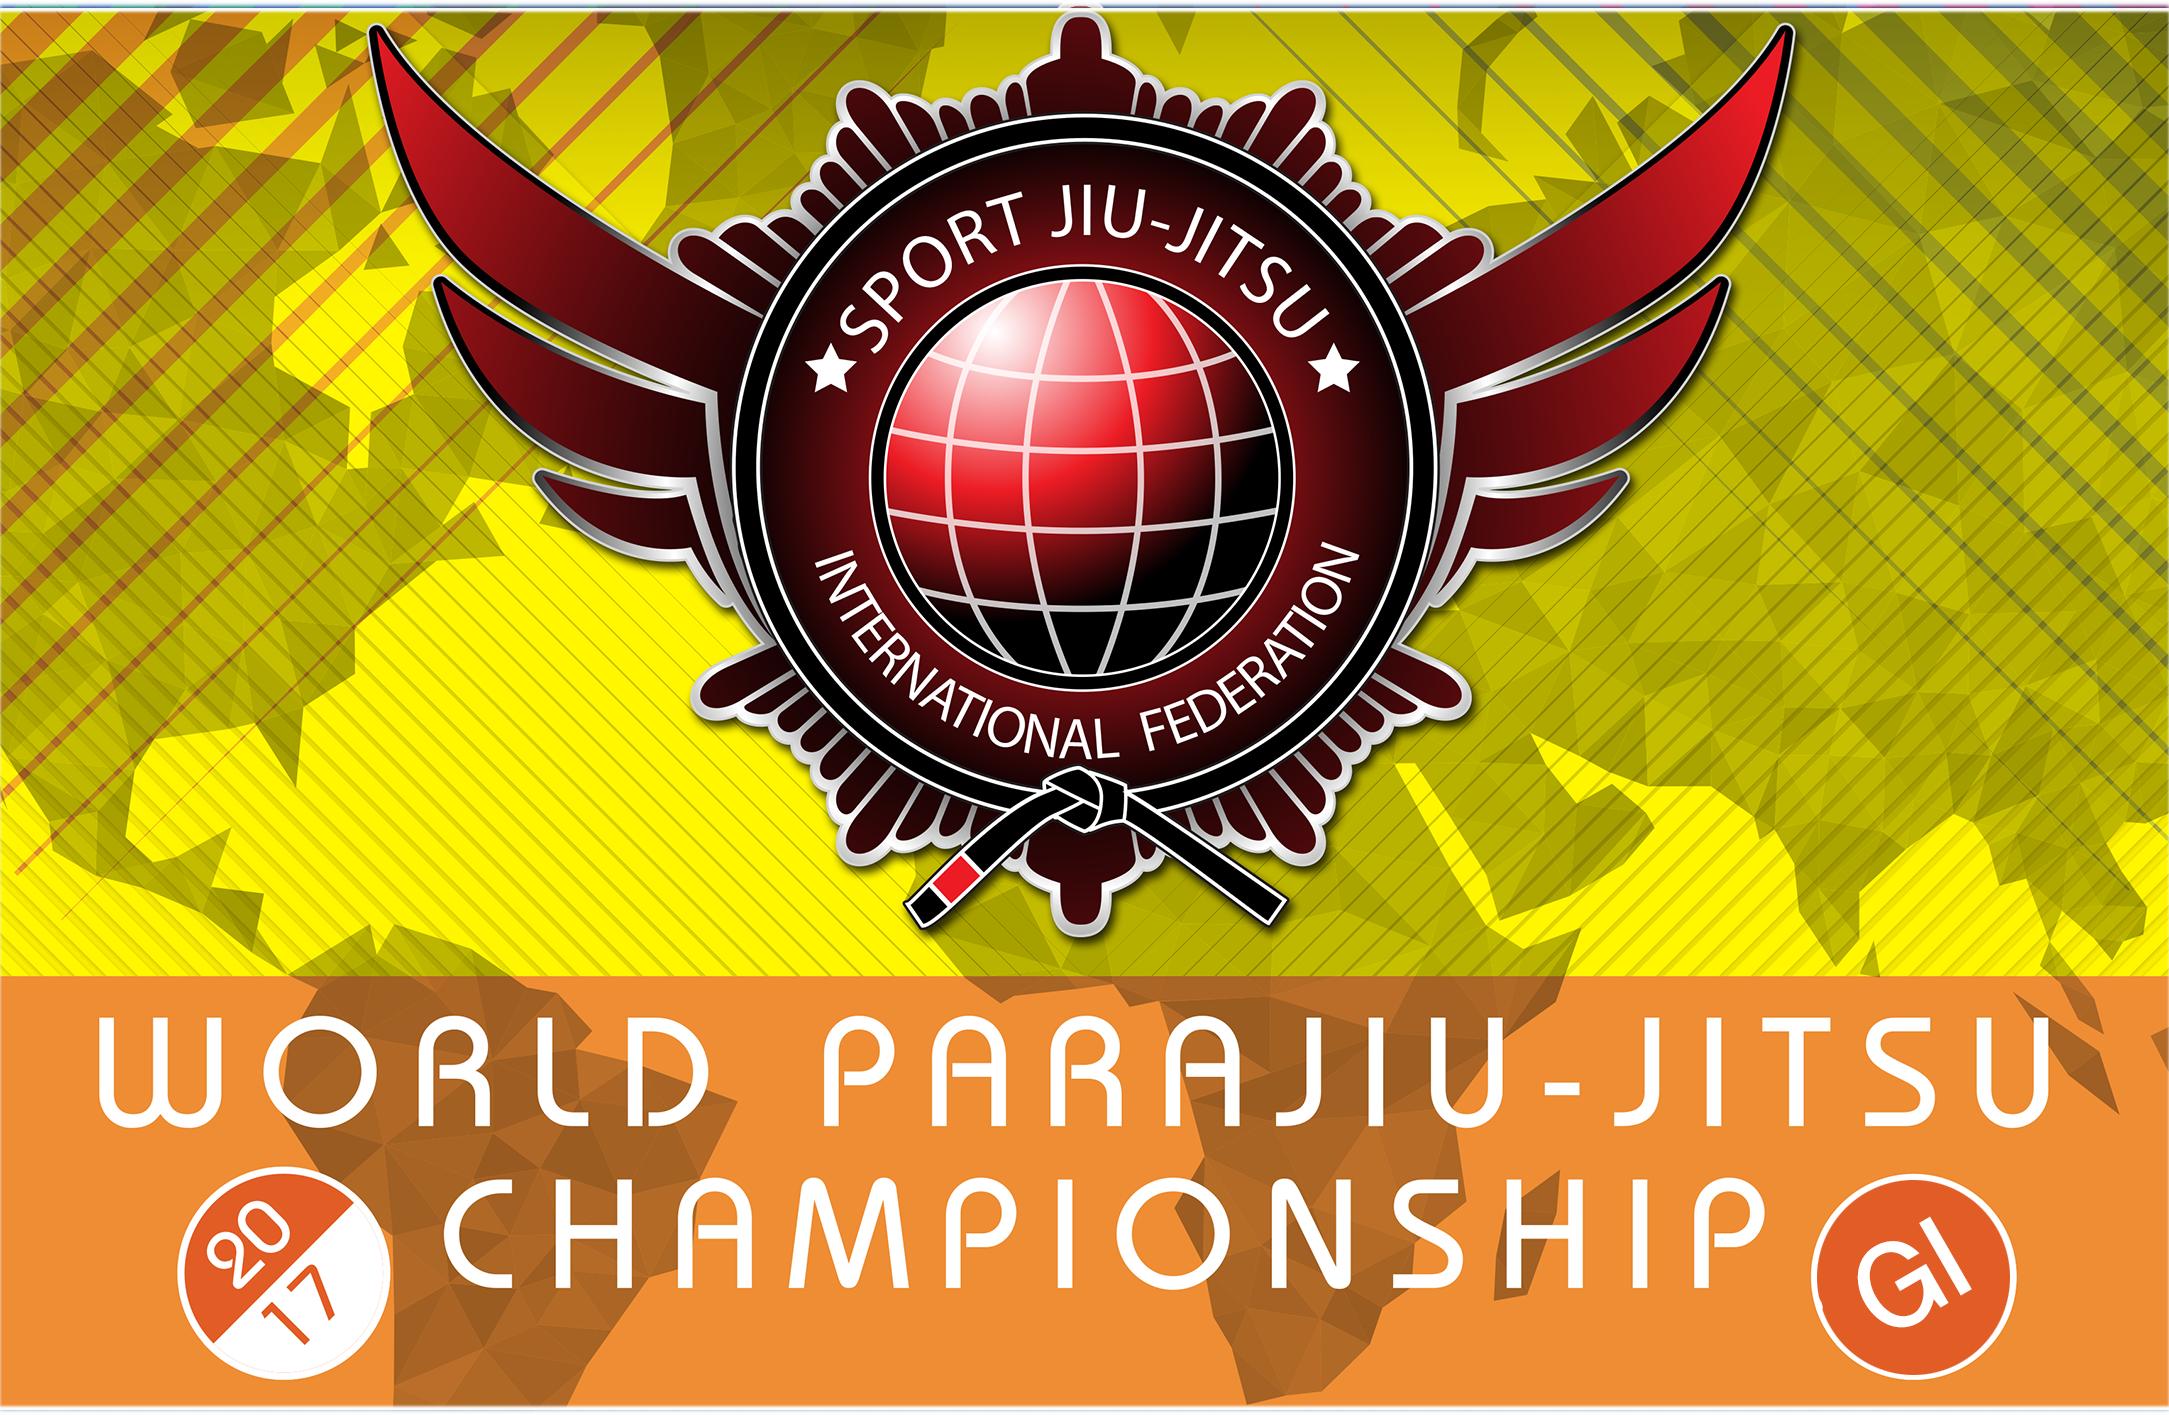 world parajiu-jitsu championship gi